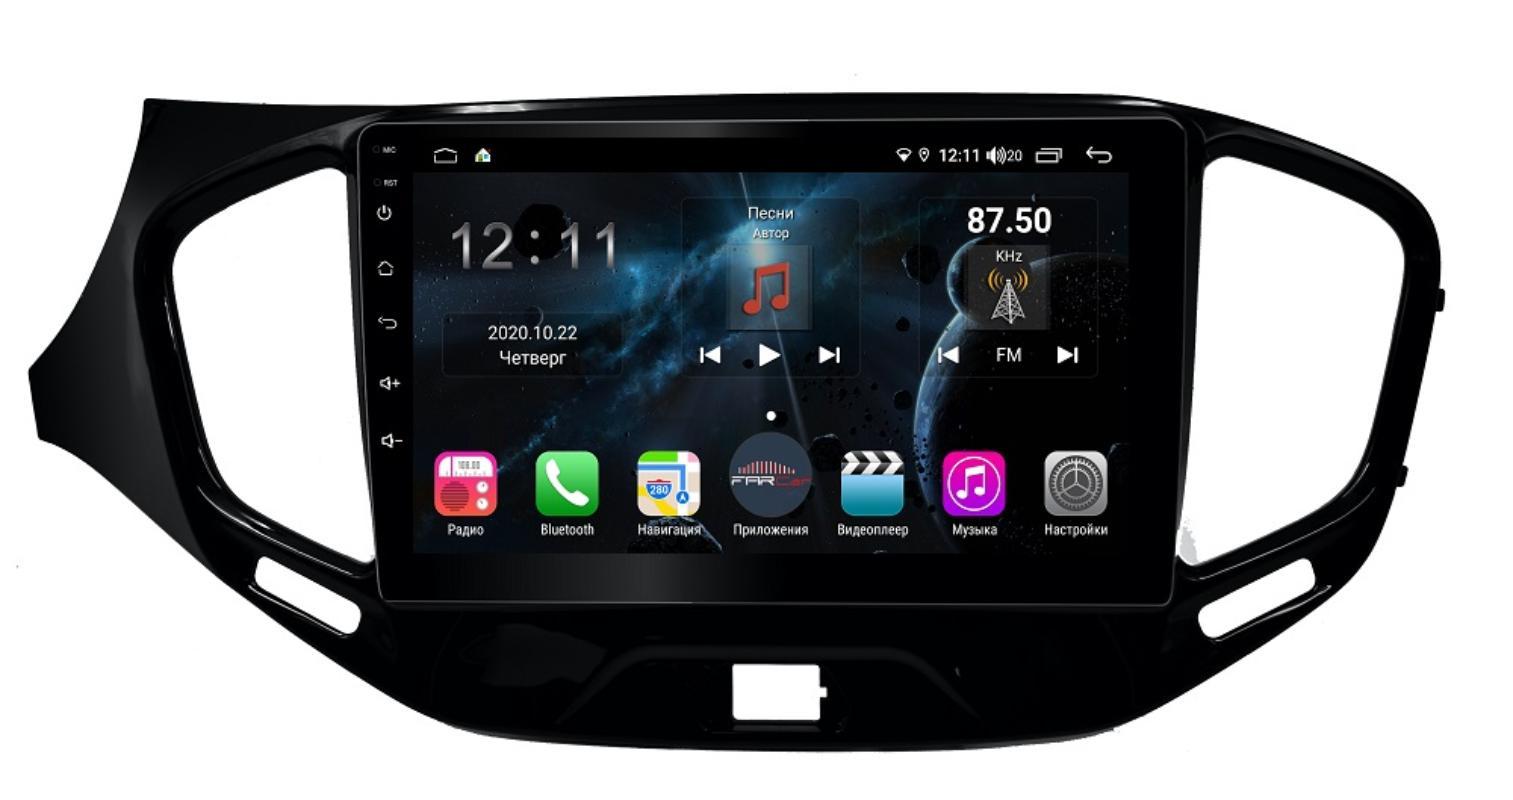 Штатная магнитола FarCar s400 для Lada Vesta на Android (TG1205R) (+ Камера заднего вида в подарок!)